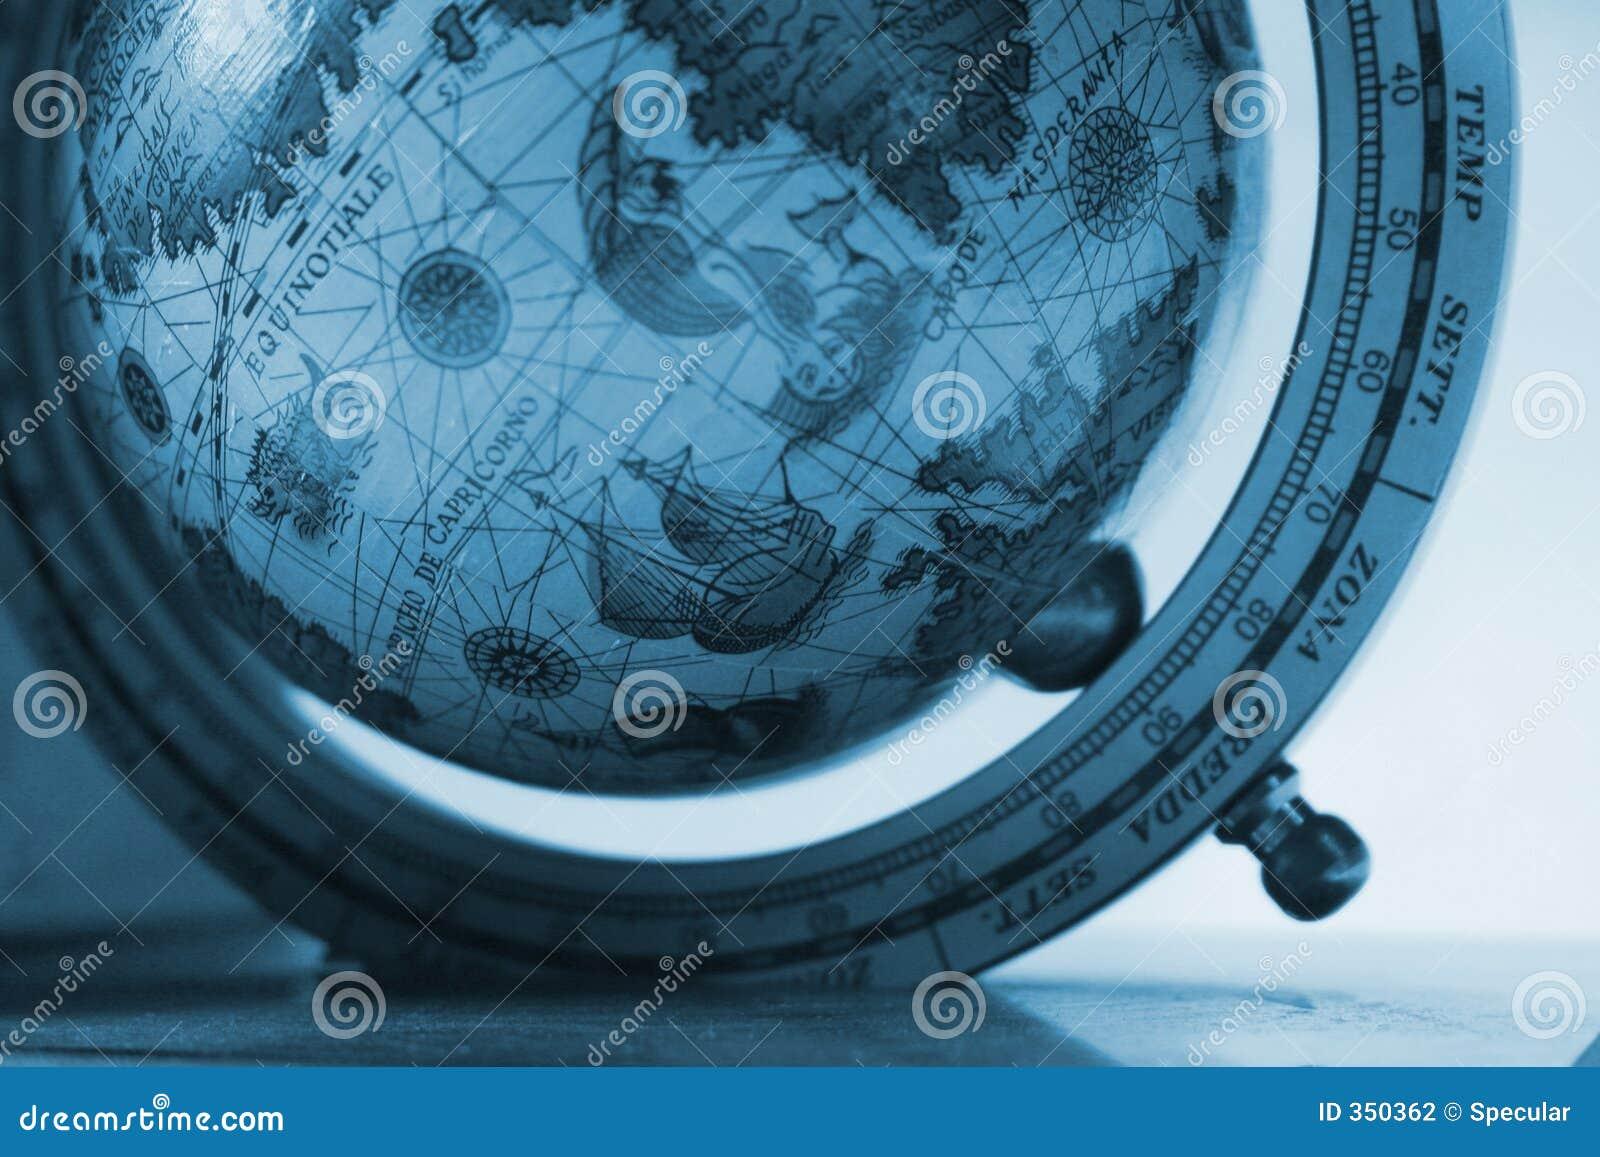 Wczesna odkrywca globe s